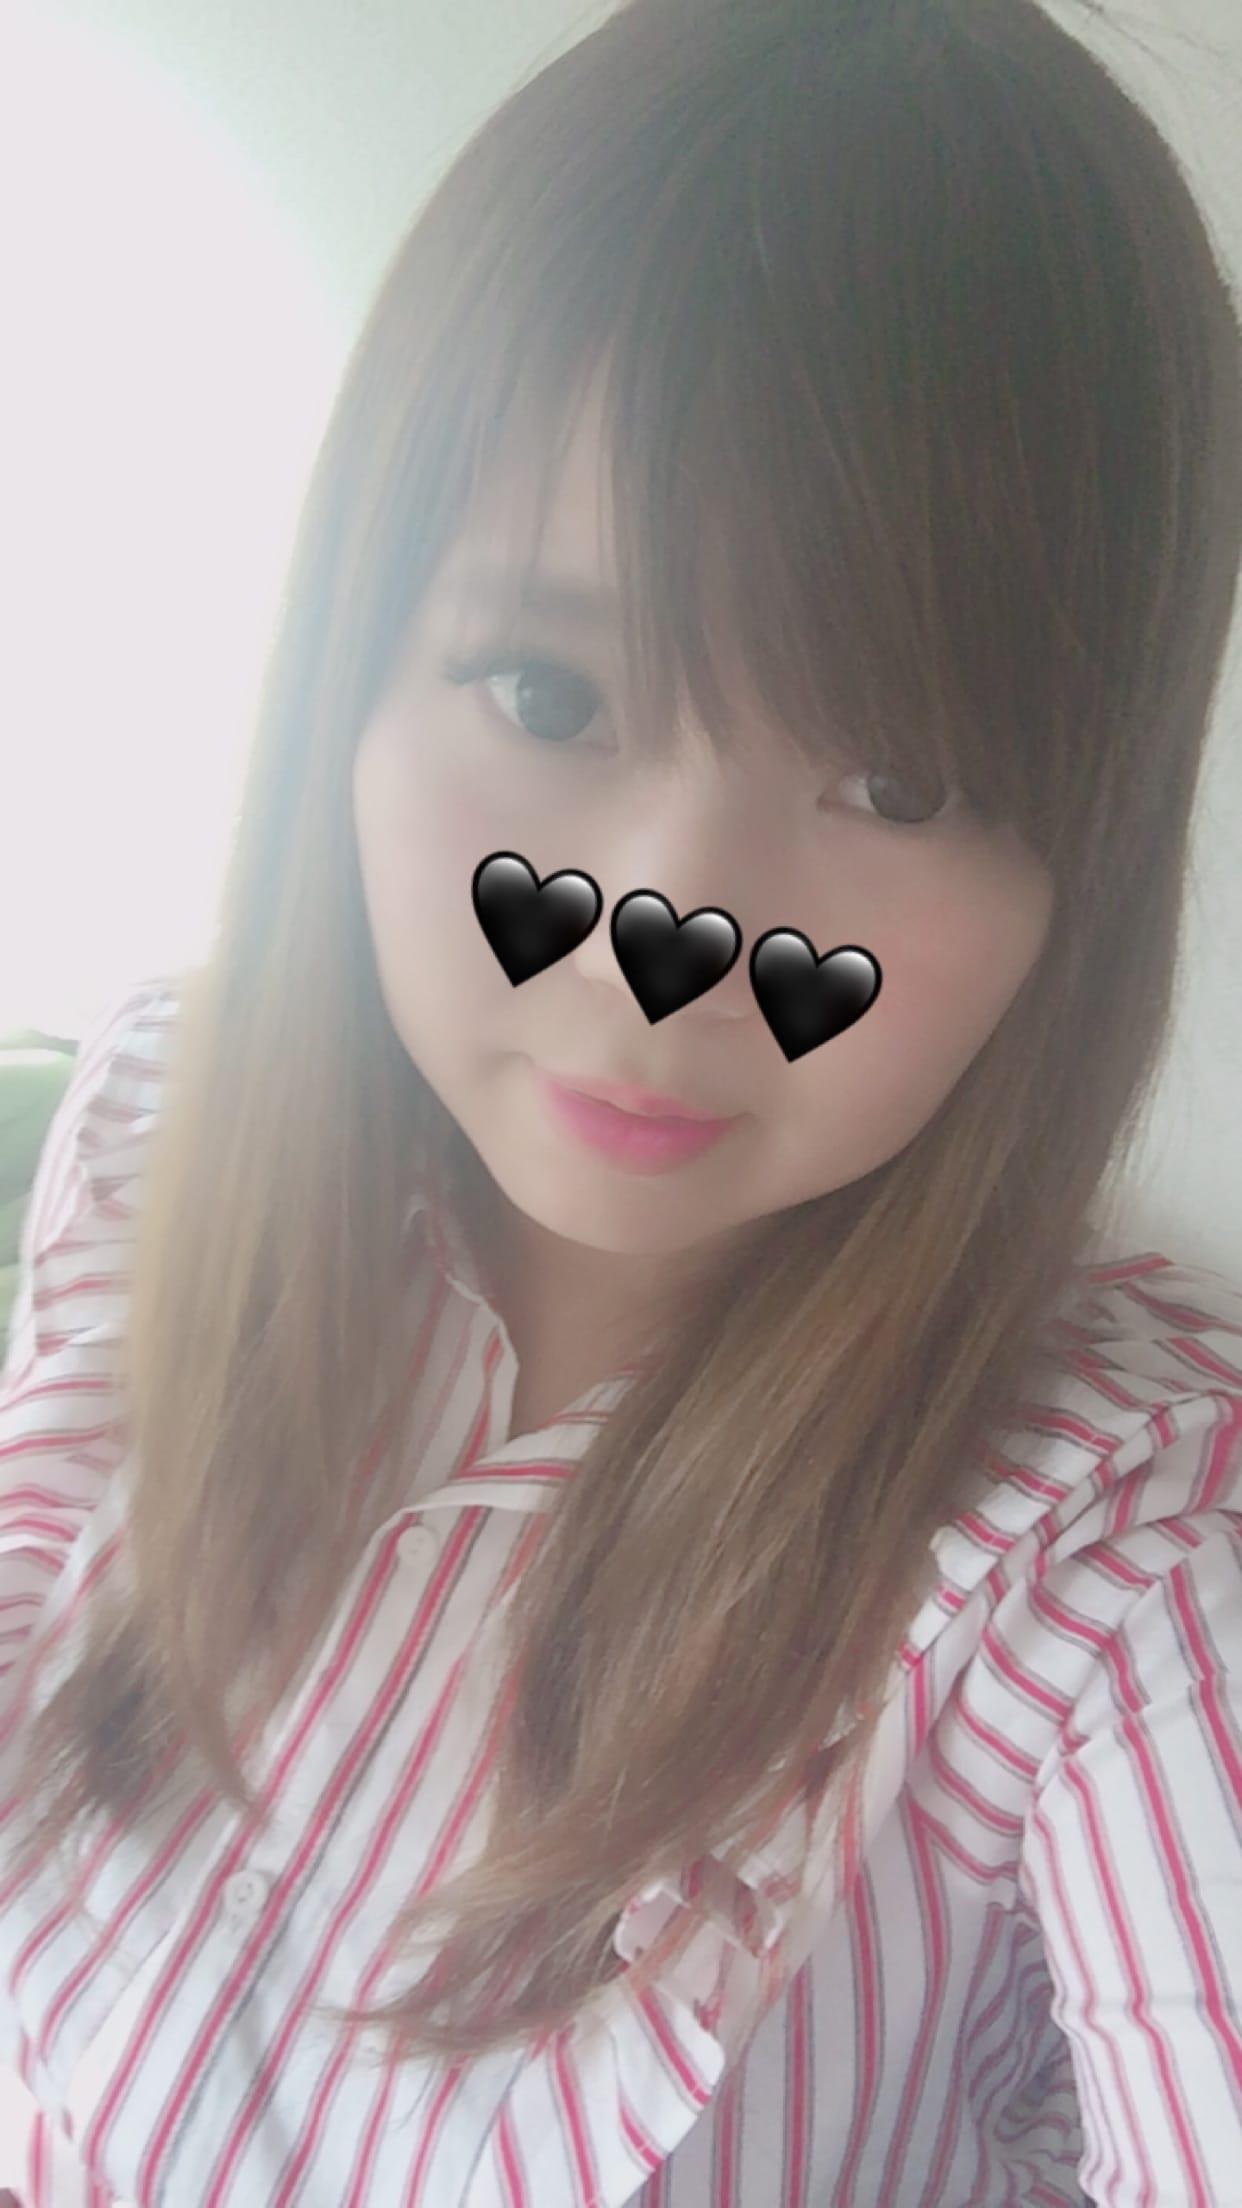 フーミン「こんばんわ☆」12/15(金) 18:57 | フーミンの写メ・風俗動画